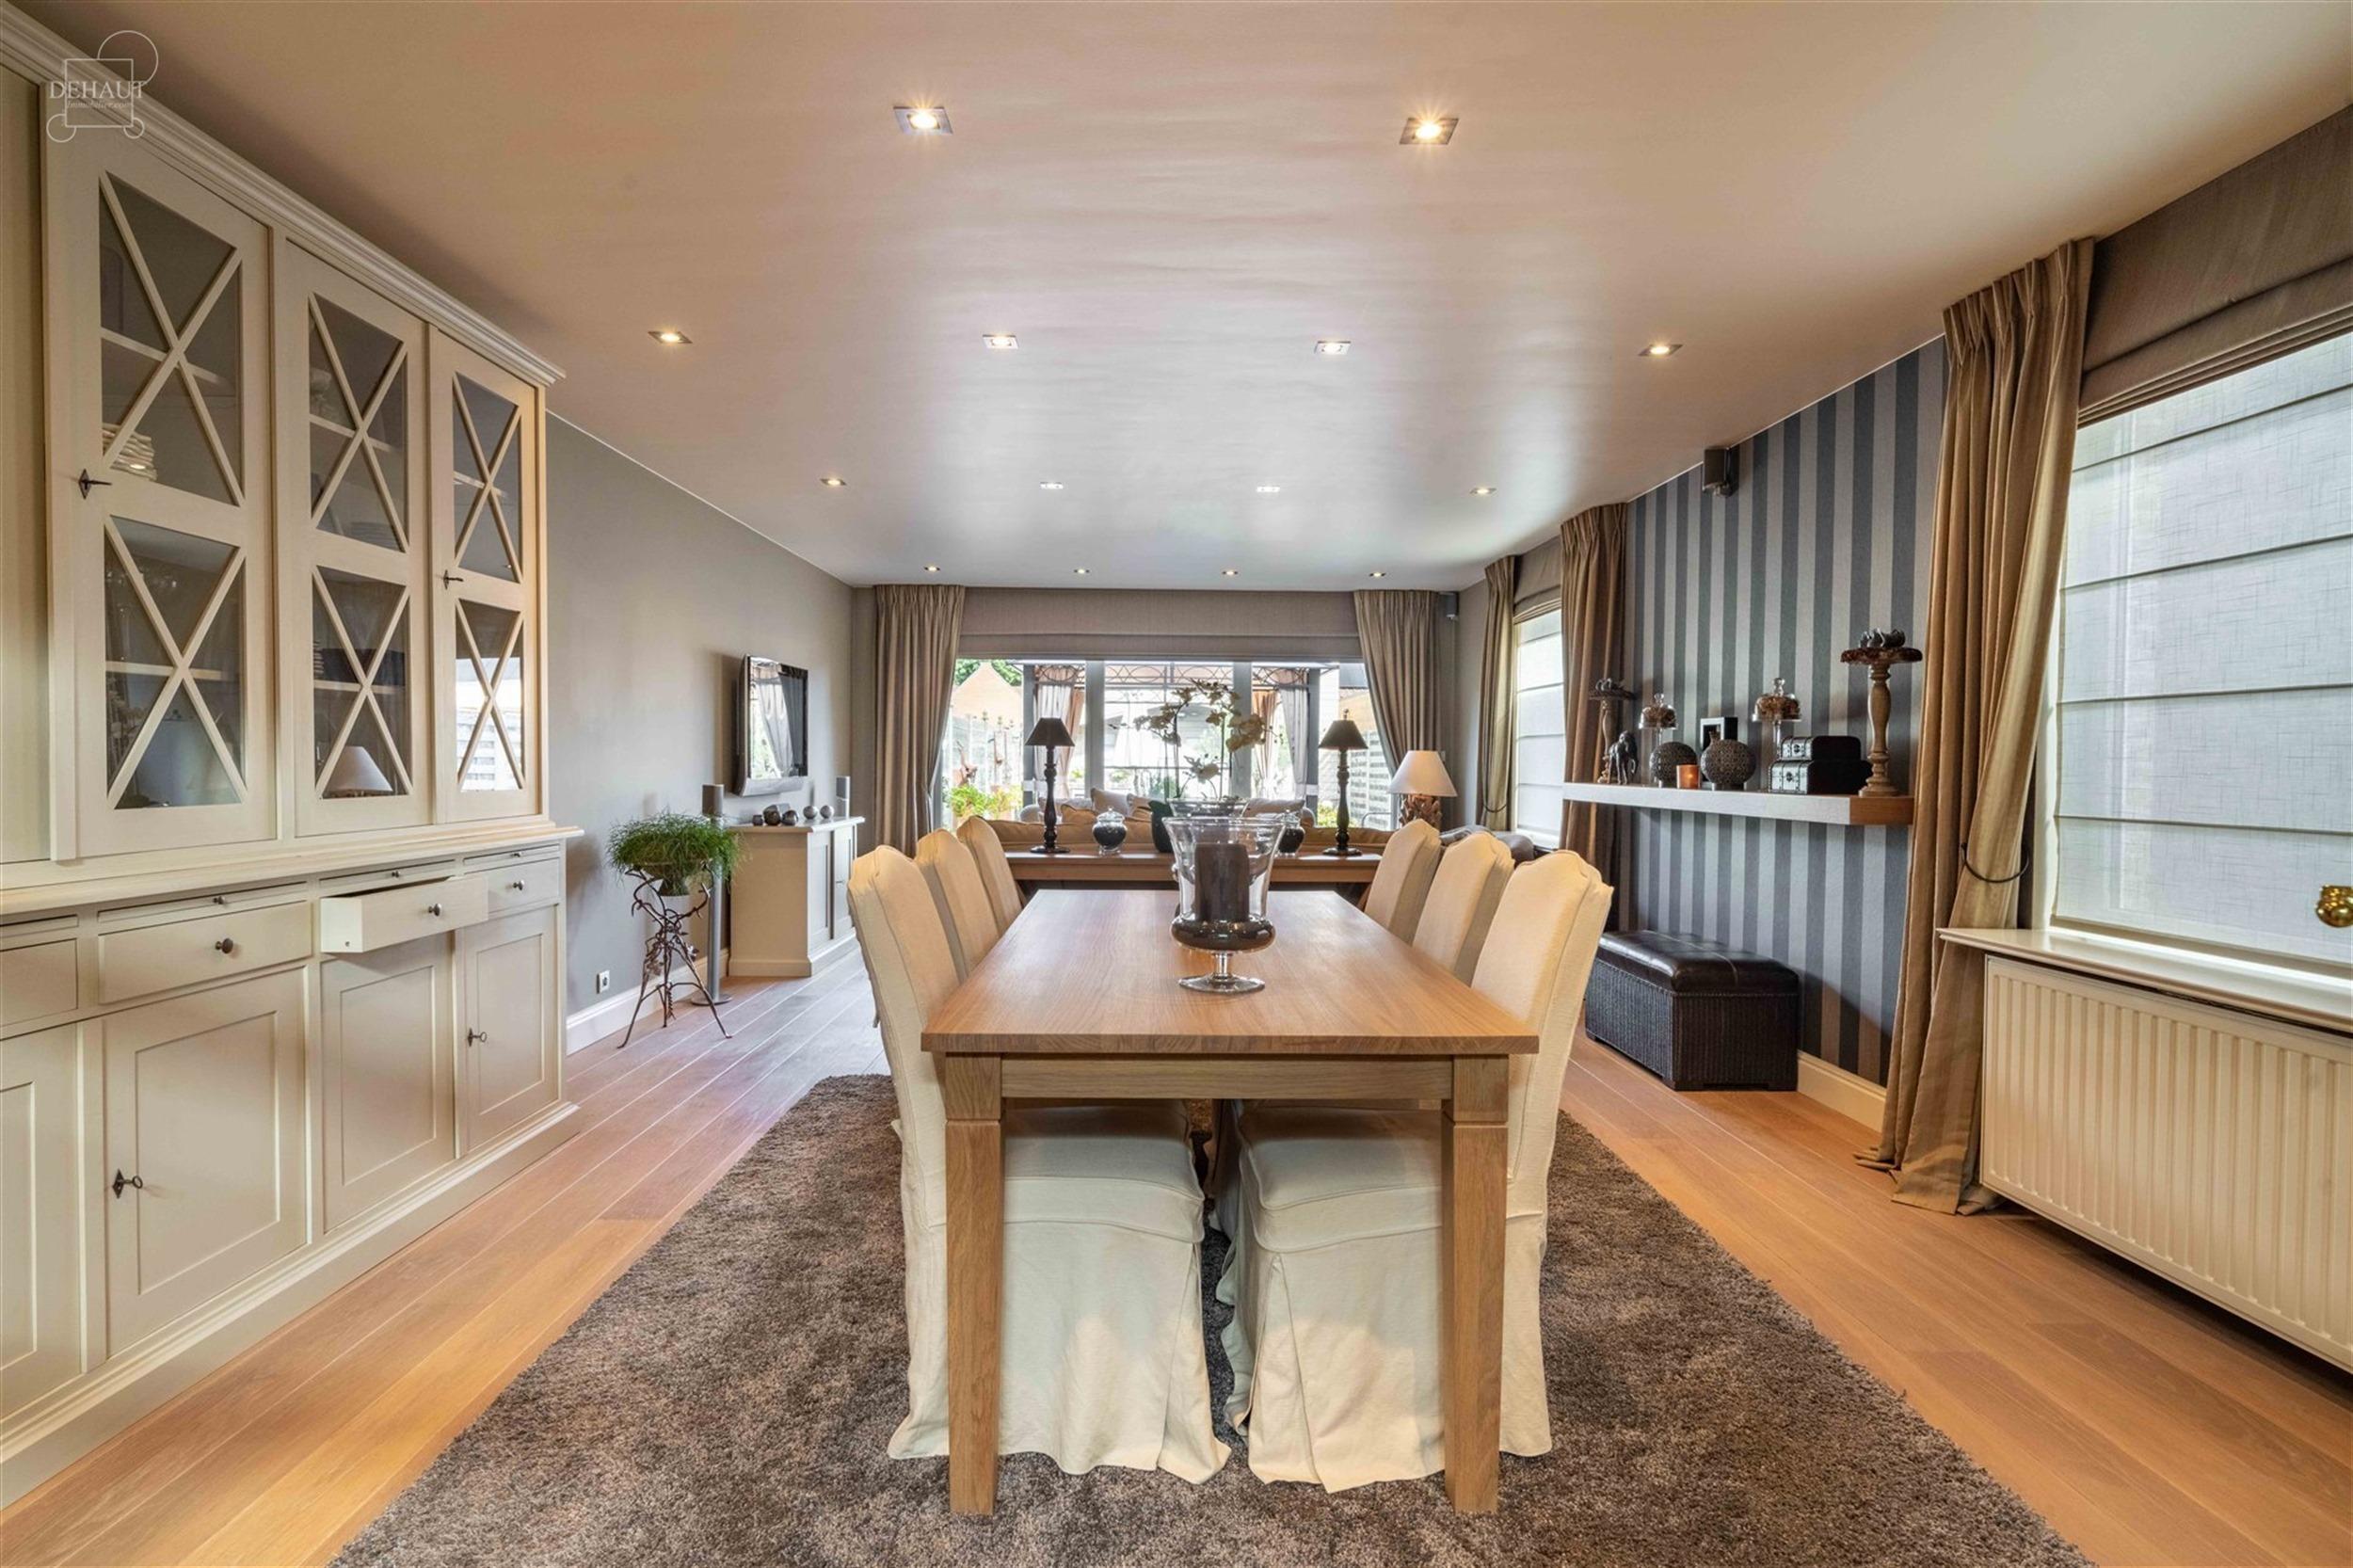 Ensemble immobilier composé d'une magnifique habitation d'env. 186m², d'une surface commerciale d'env. 86m² entièrement équipée prête à l'empl...